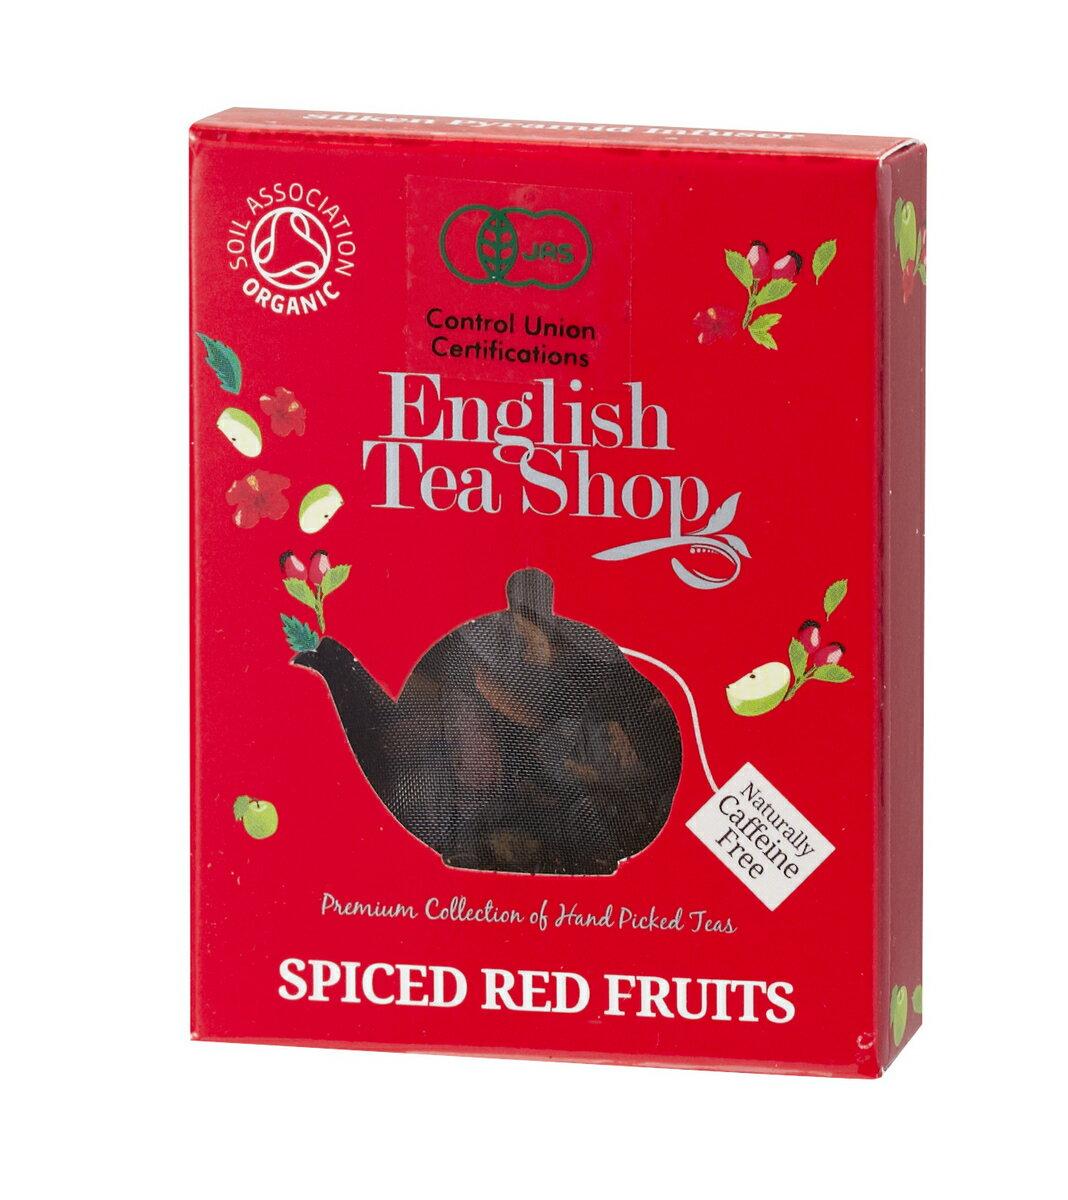 有機JAS認定 English Tea Shopイングリッシュティーショップオーガニックティースパイスレッドフルーツ【1】ミニペーパーボックス フェアトレード